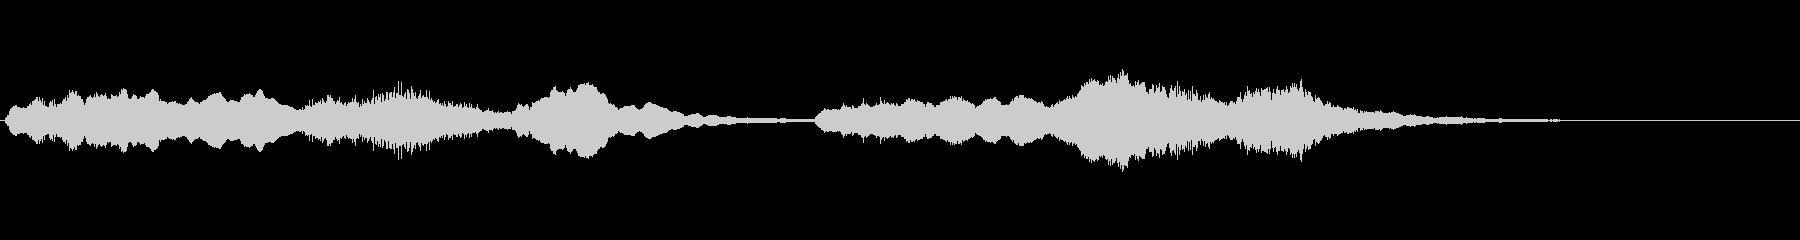 コミカルなシーンの音楽(パイプオルガン)の未再生の波形